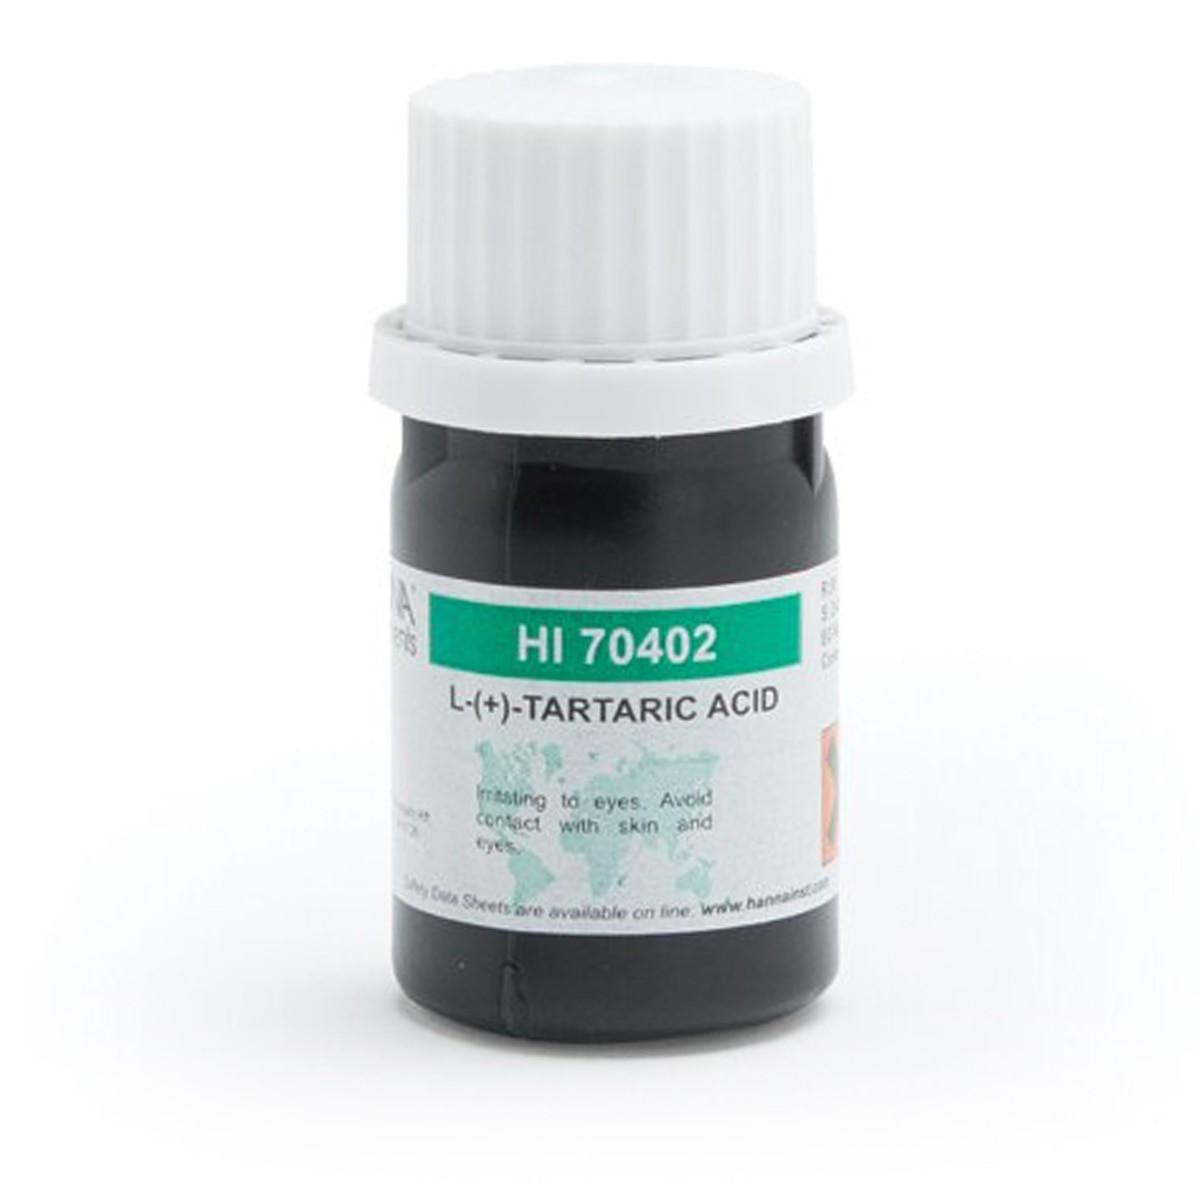 Tartaric Acid Reagent, 20 g - HI70402